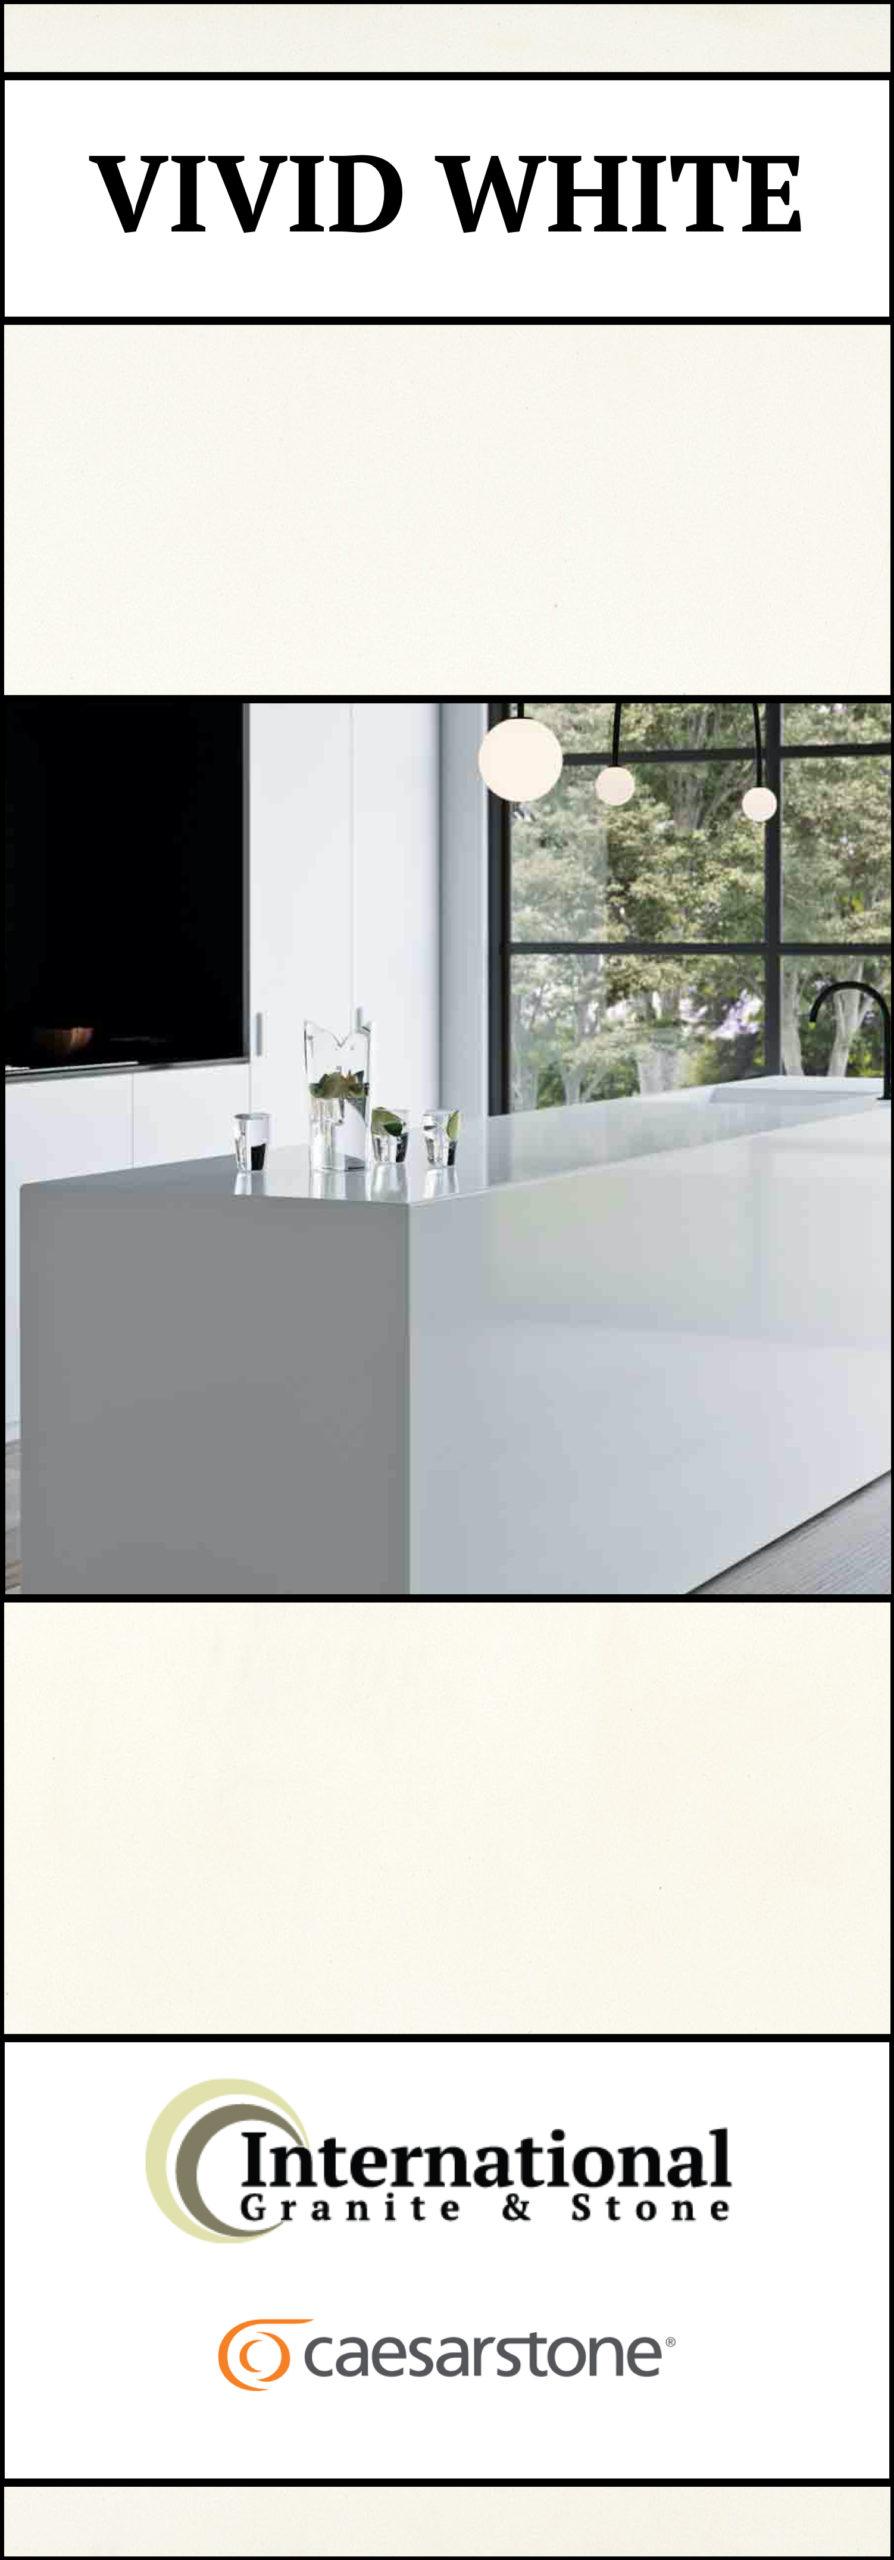 Vivid White Caesarstone Quartz Full Slab Pinterest